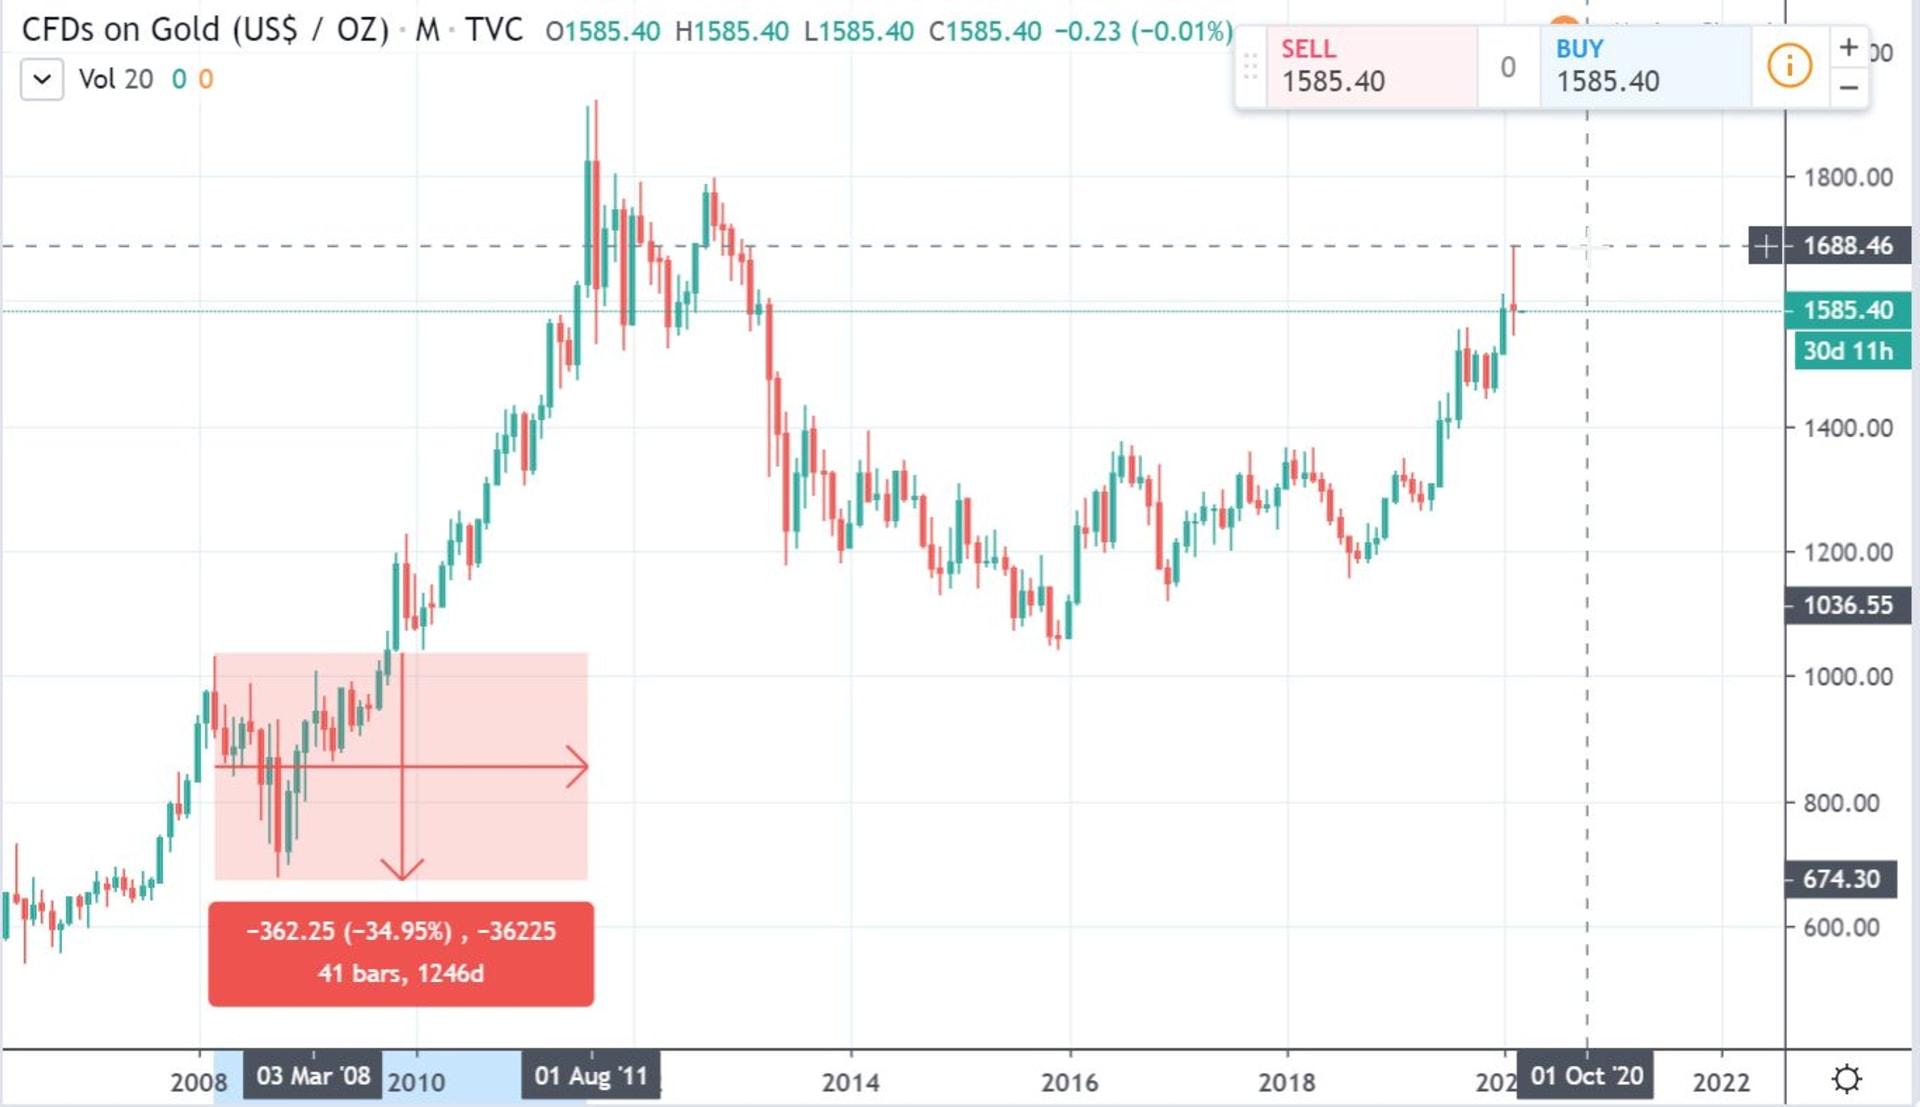 Az arany 34%-ot esett a 2008-as csúcsától a 2008. őszi pénzügyi válság bekövetkeztéig, majd utána 280%-ot emelkedett 2011 őszéig.